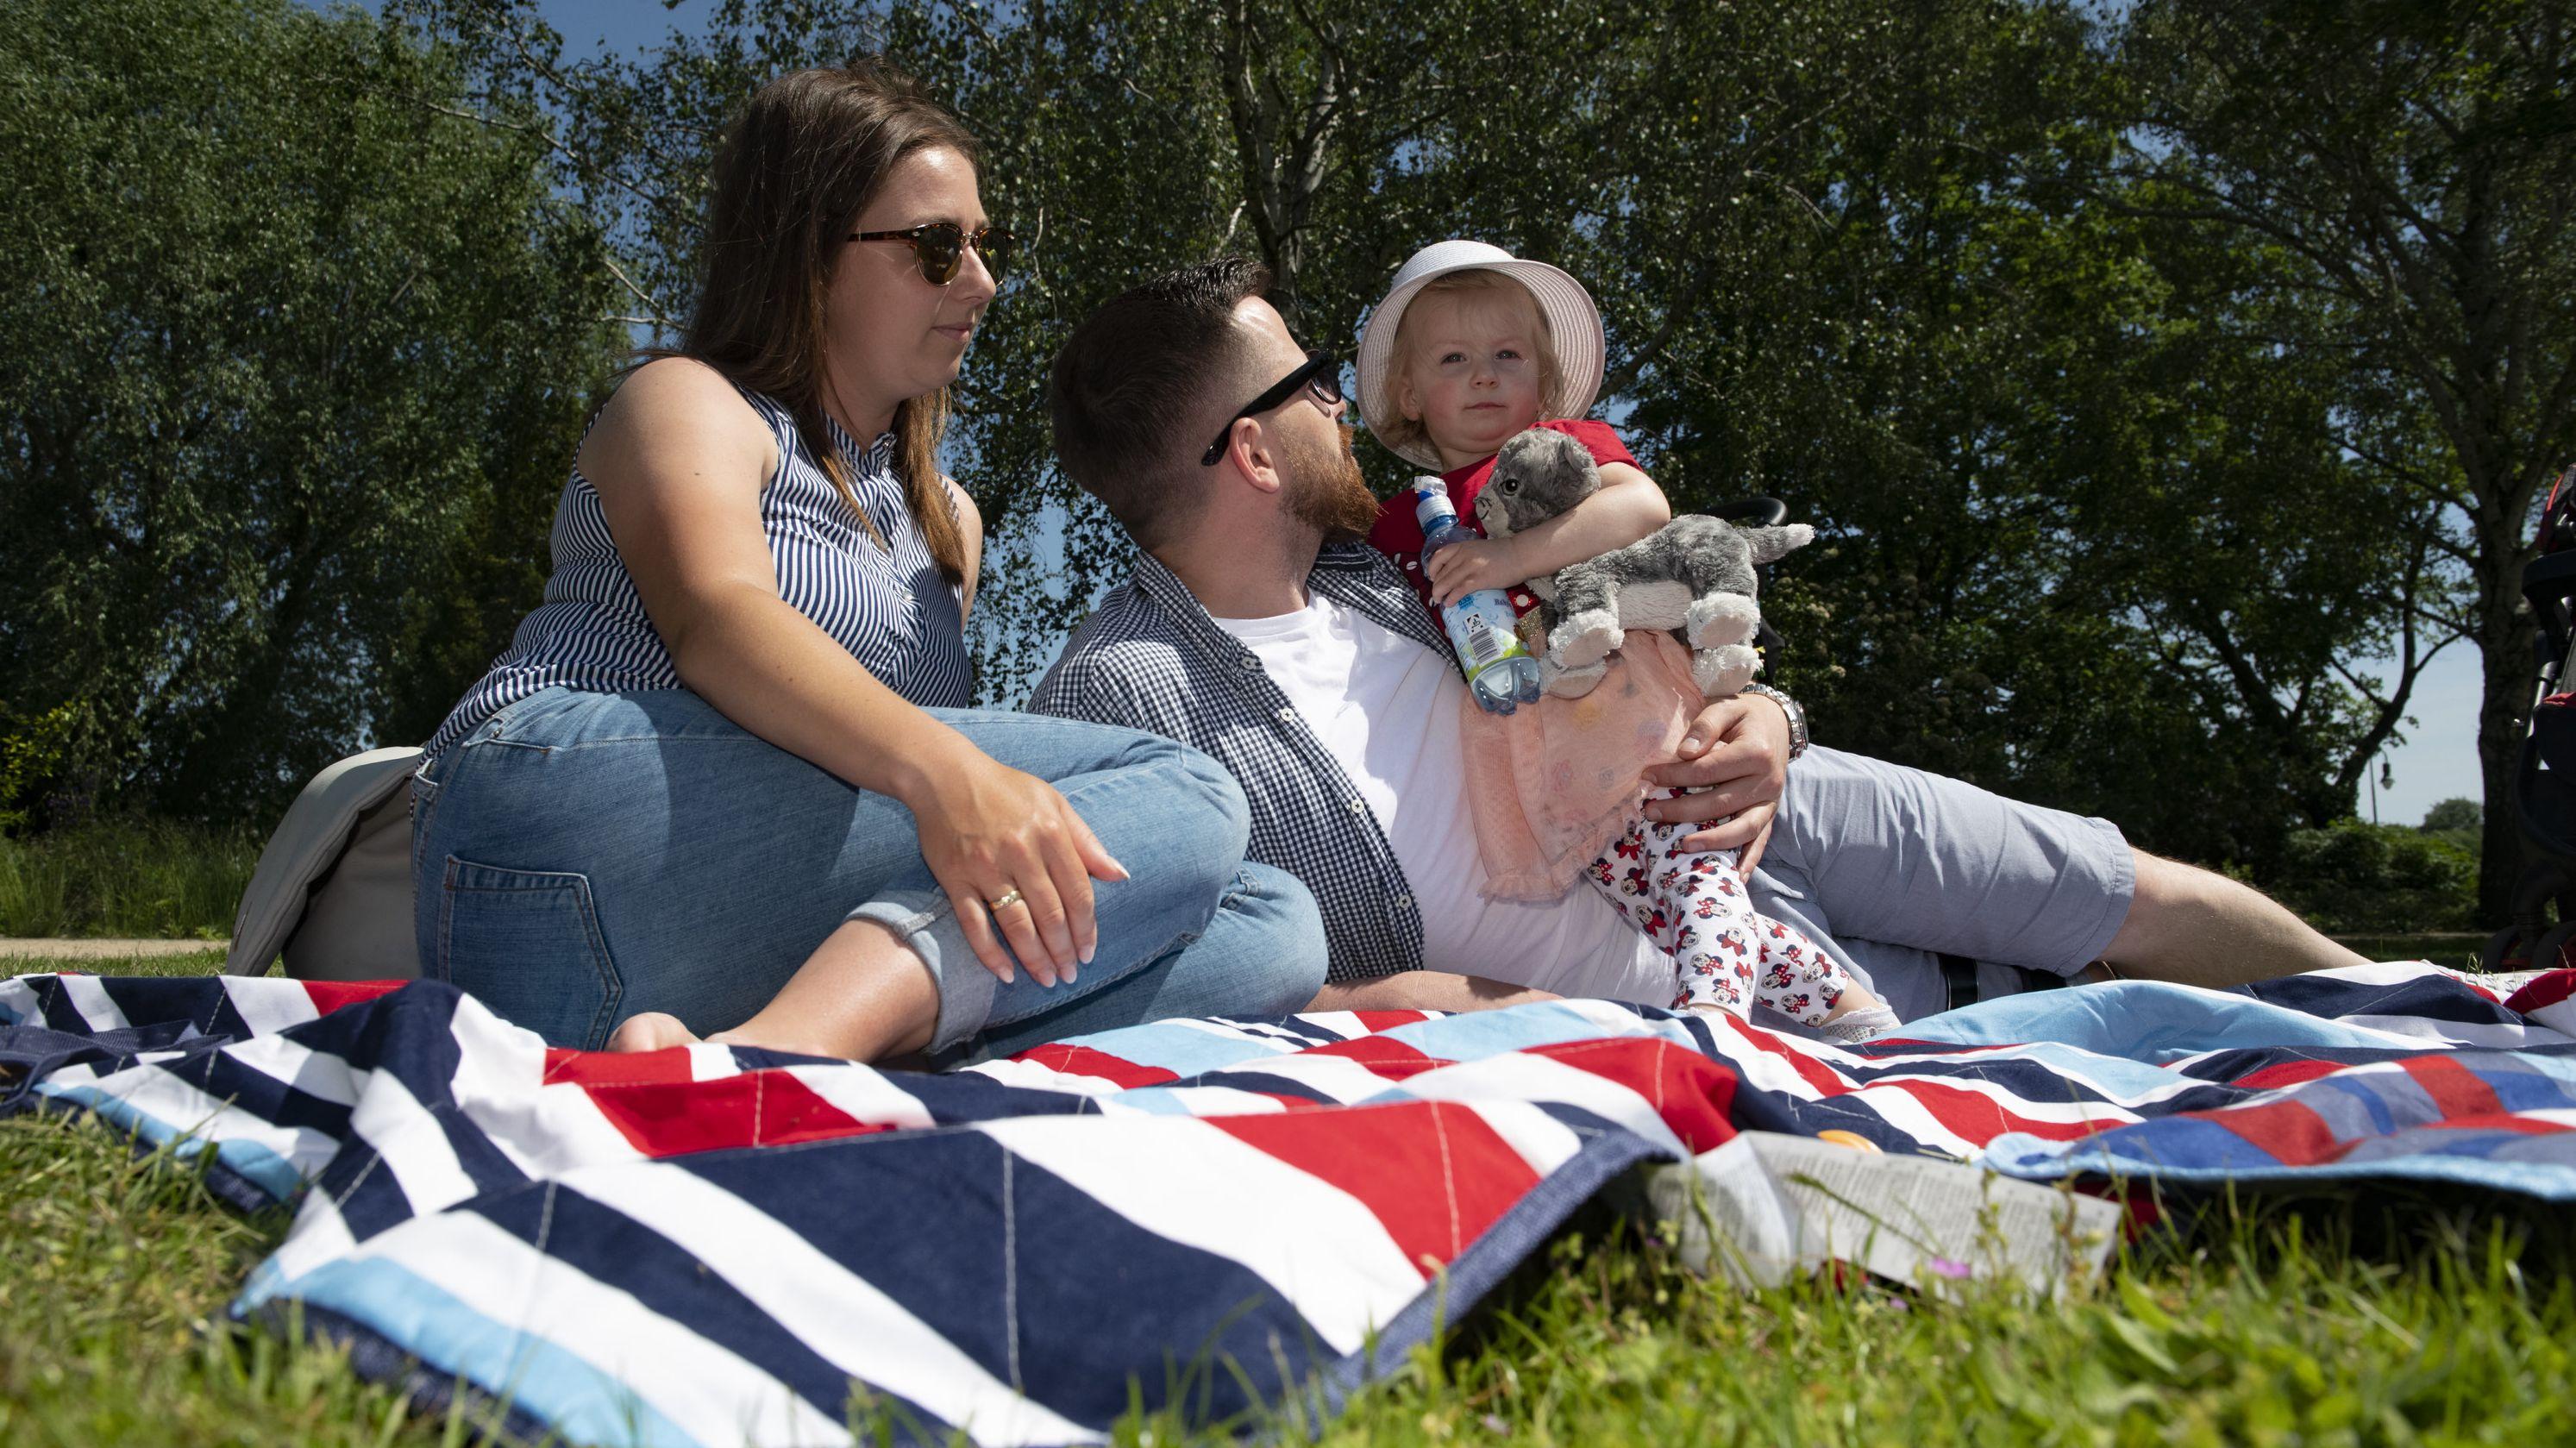 Berlin: Familie bei sonnigem Wetter auf Picknickdecke